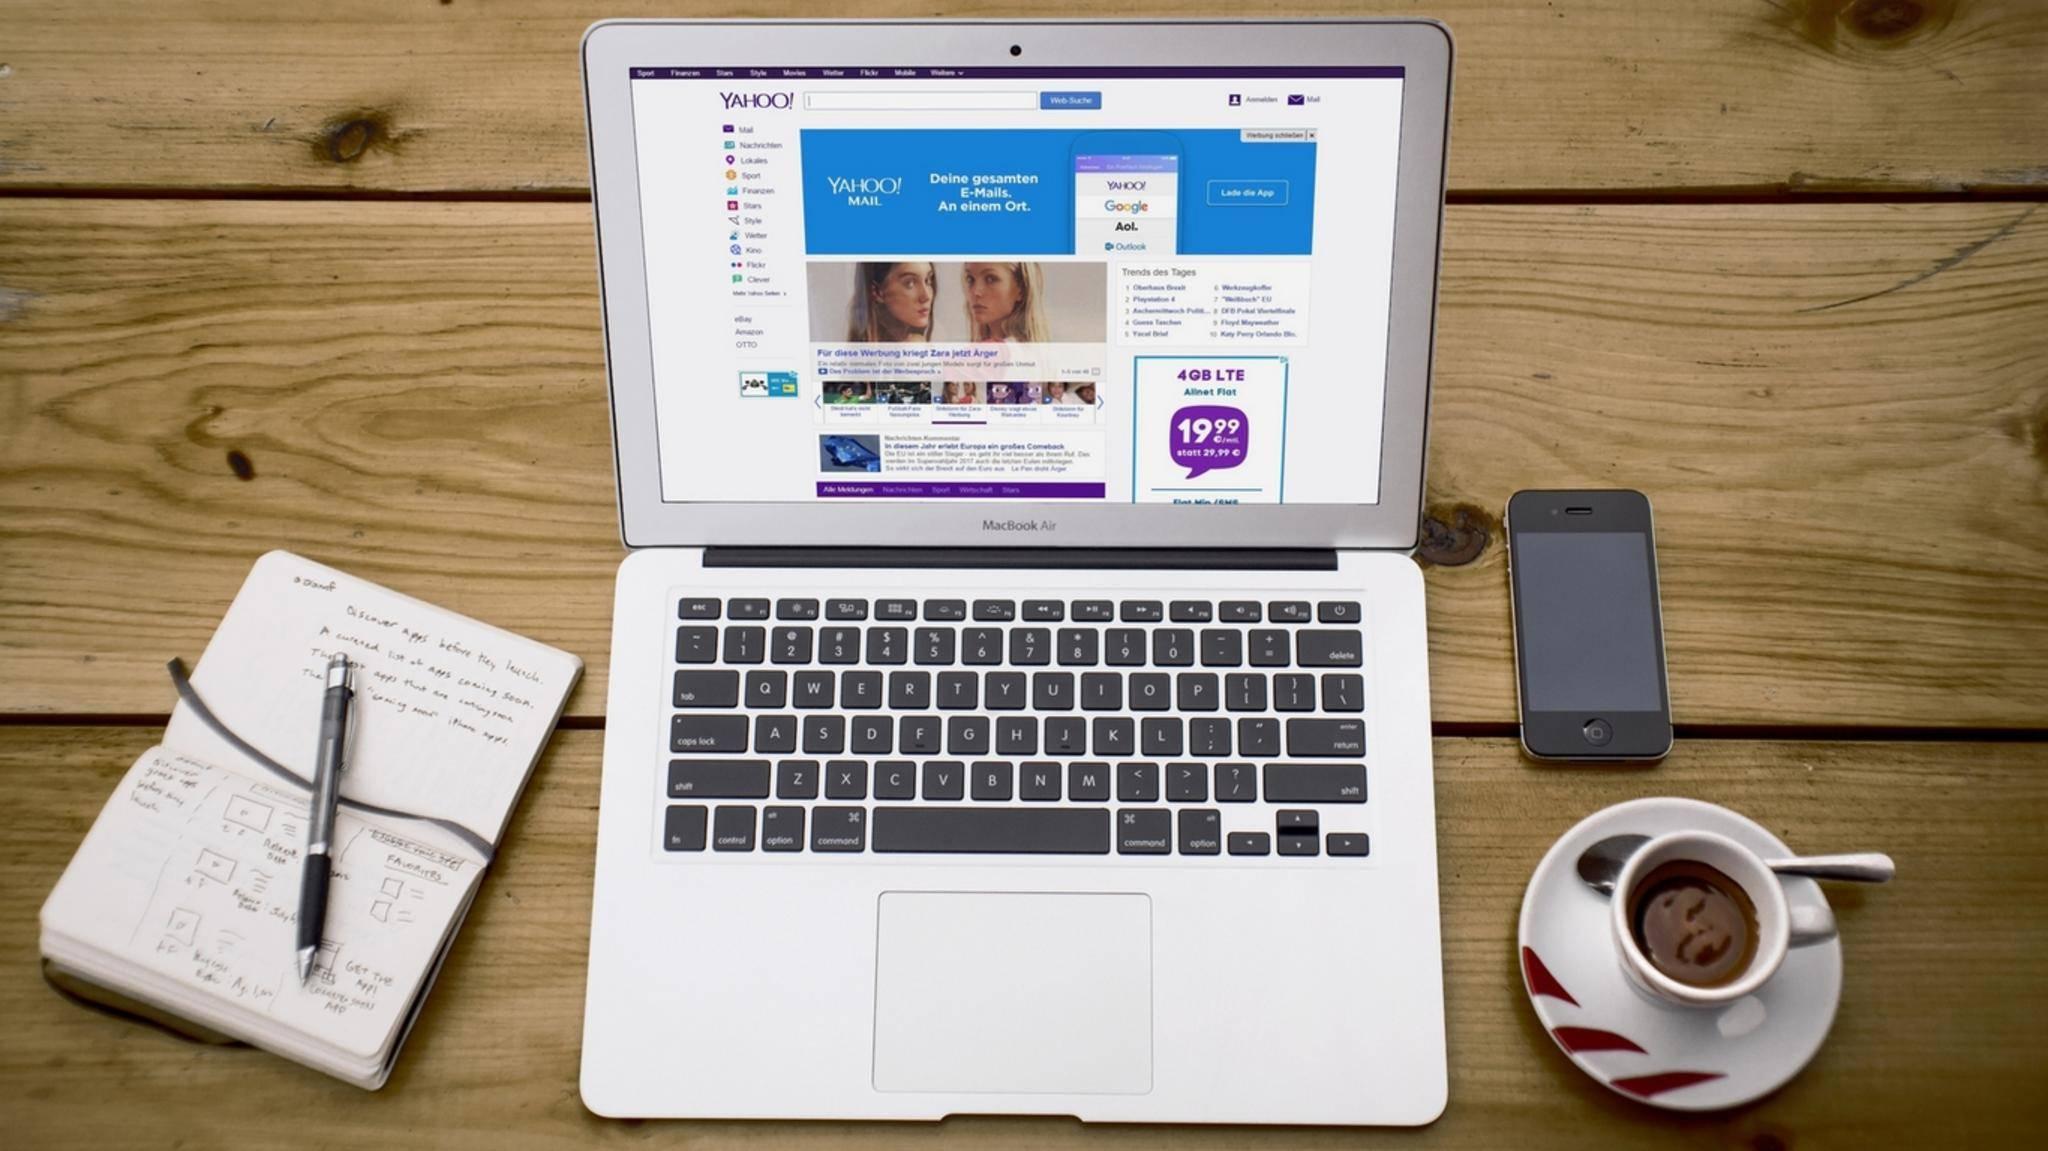 Wer genug von Yahoo hat, kann seinen Account löschen.